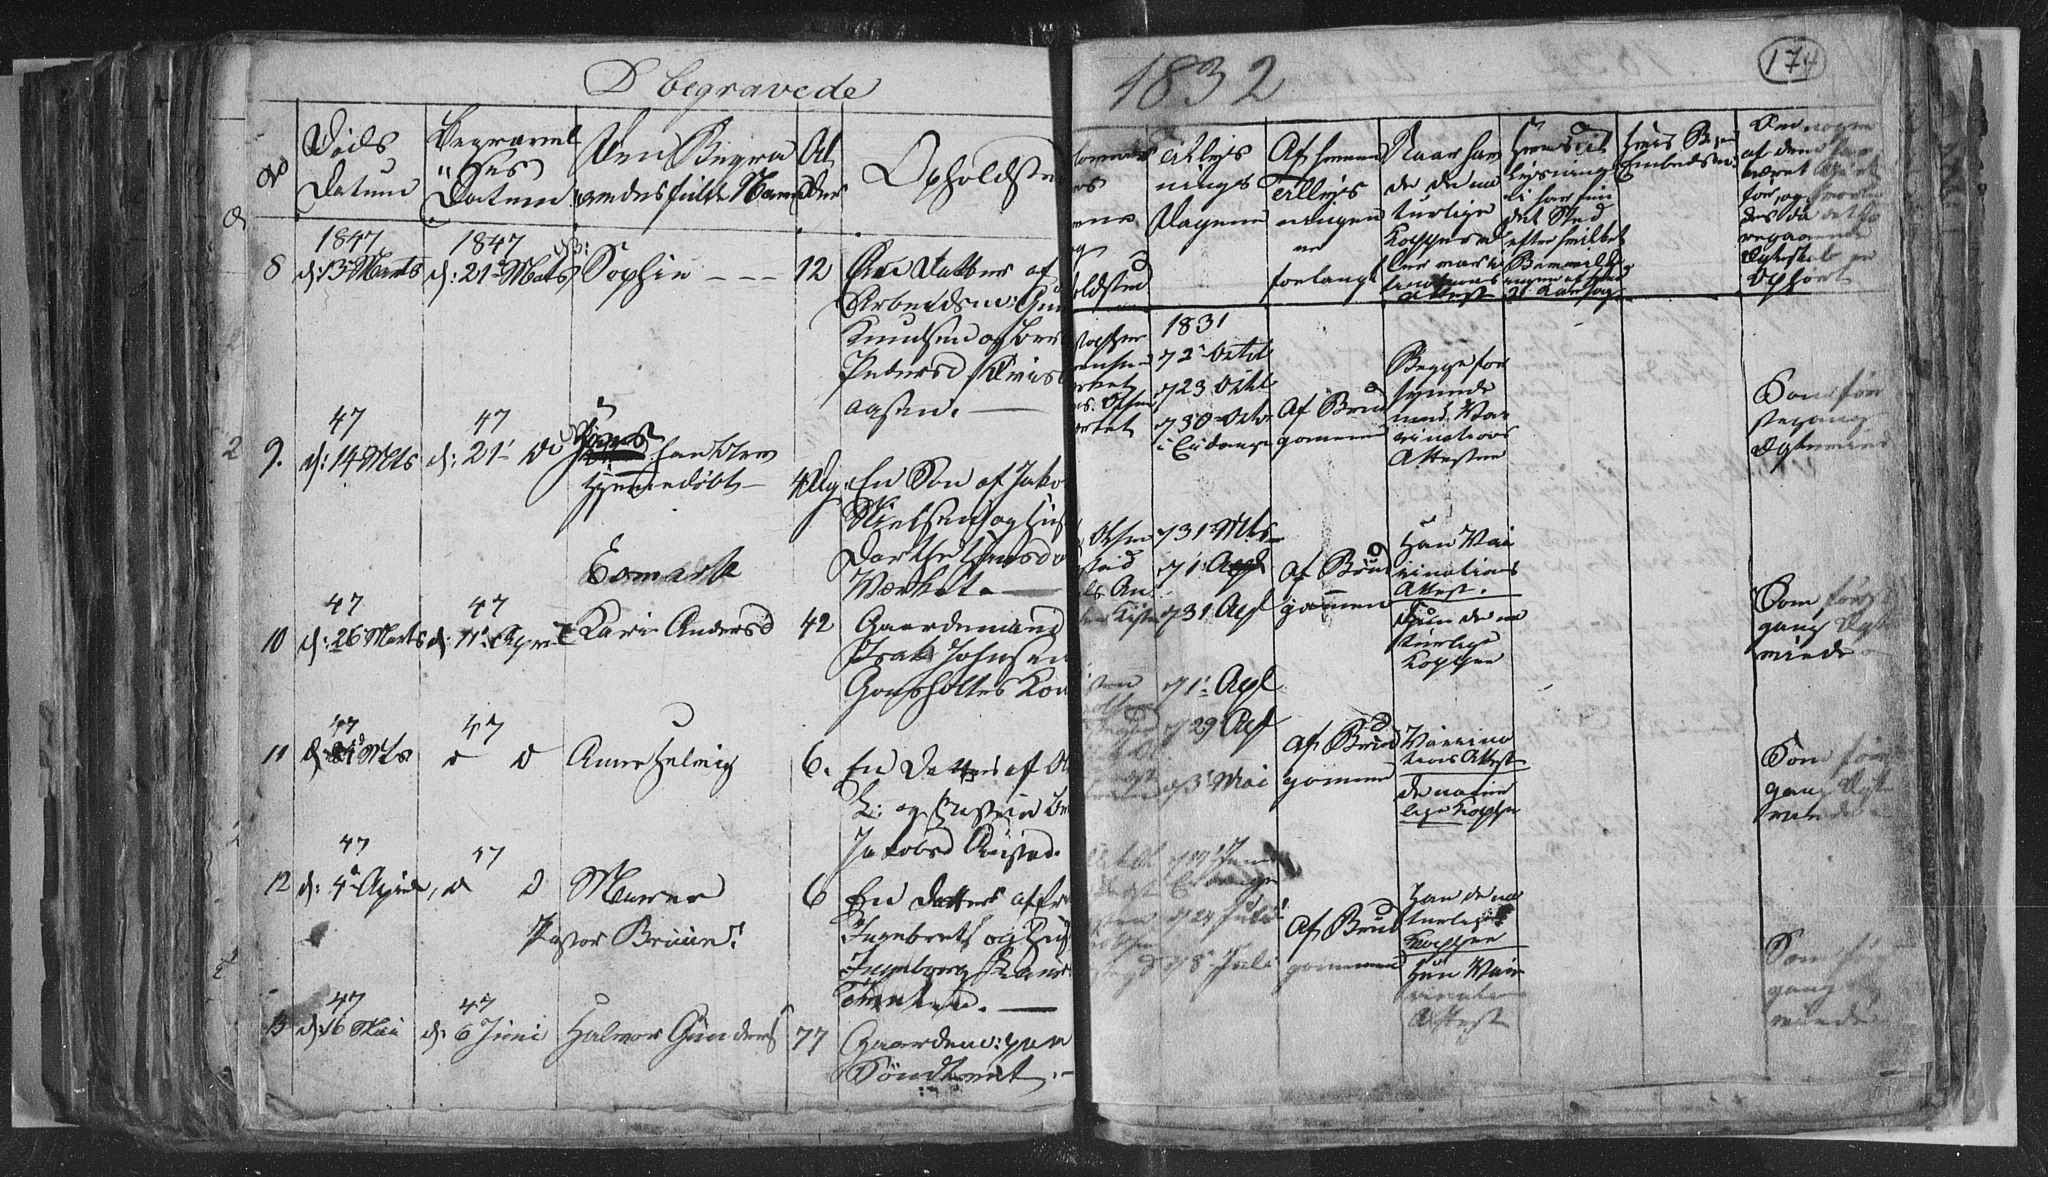 SAKO, Siljan kirkebøker, G/Ga/L0001: Klokkerbok nr. 1, 1827-1847, s. 174